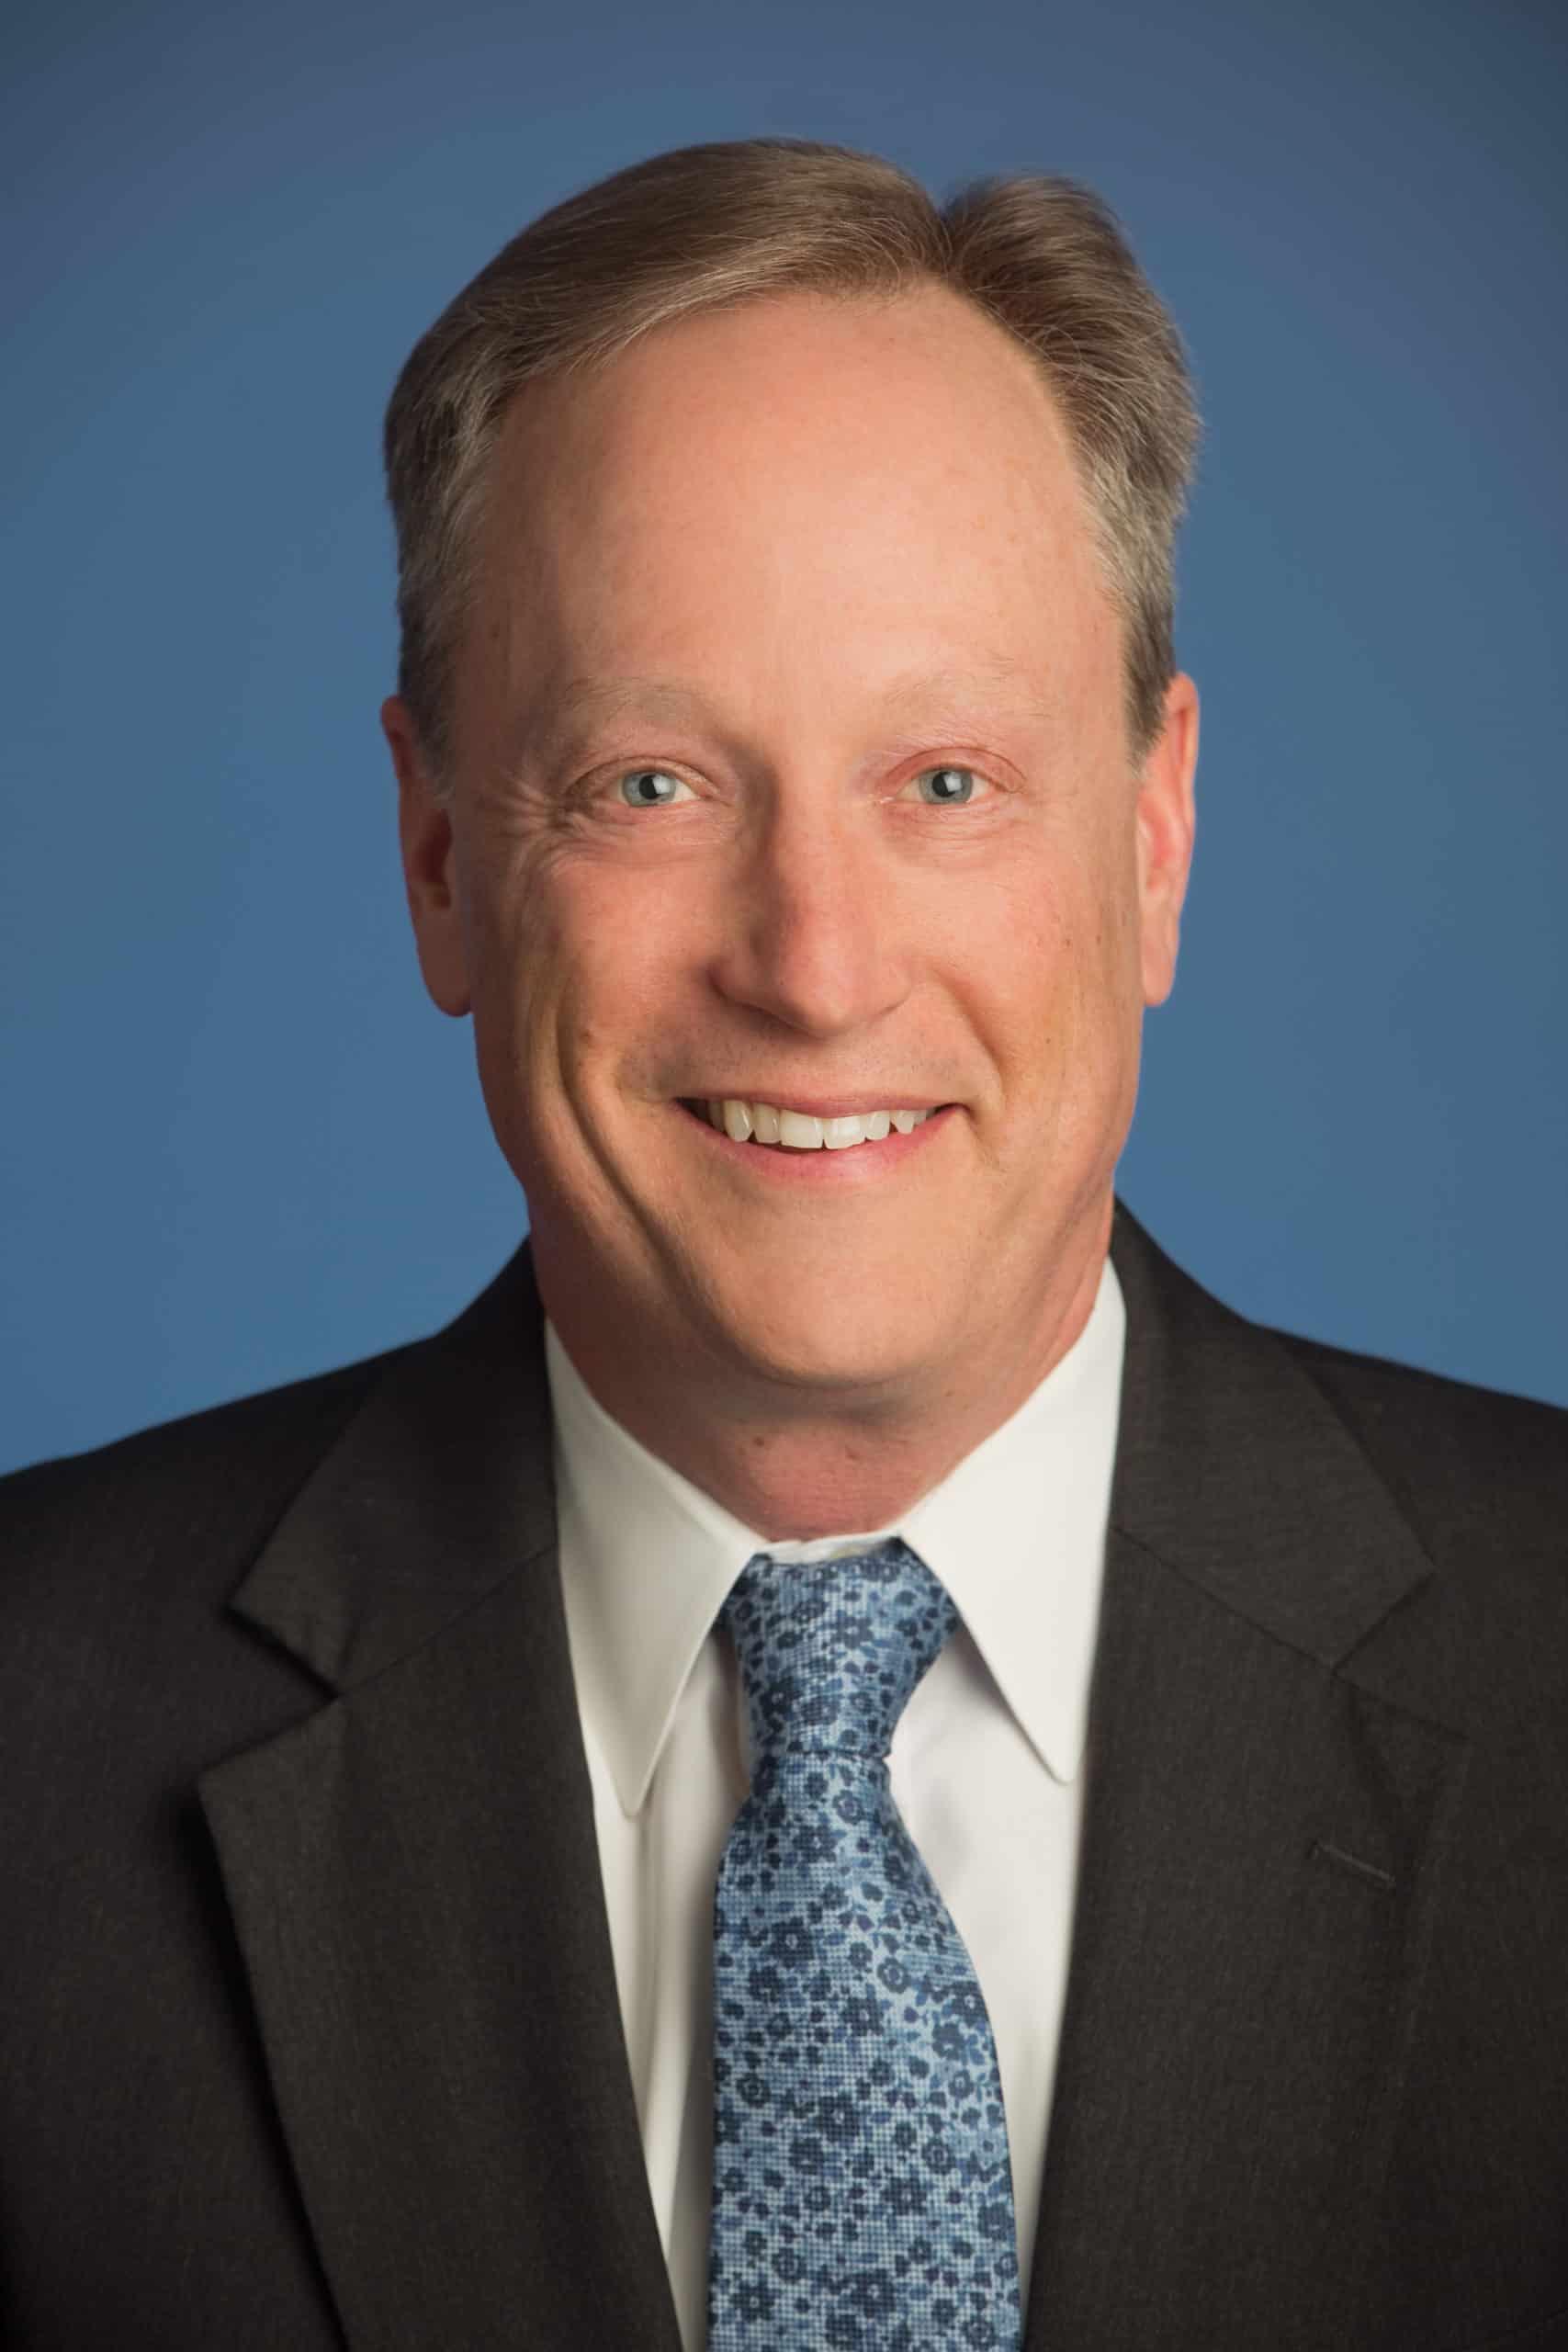 Arbella's Jim Hyatt